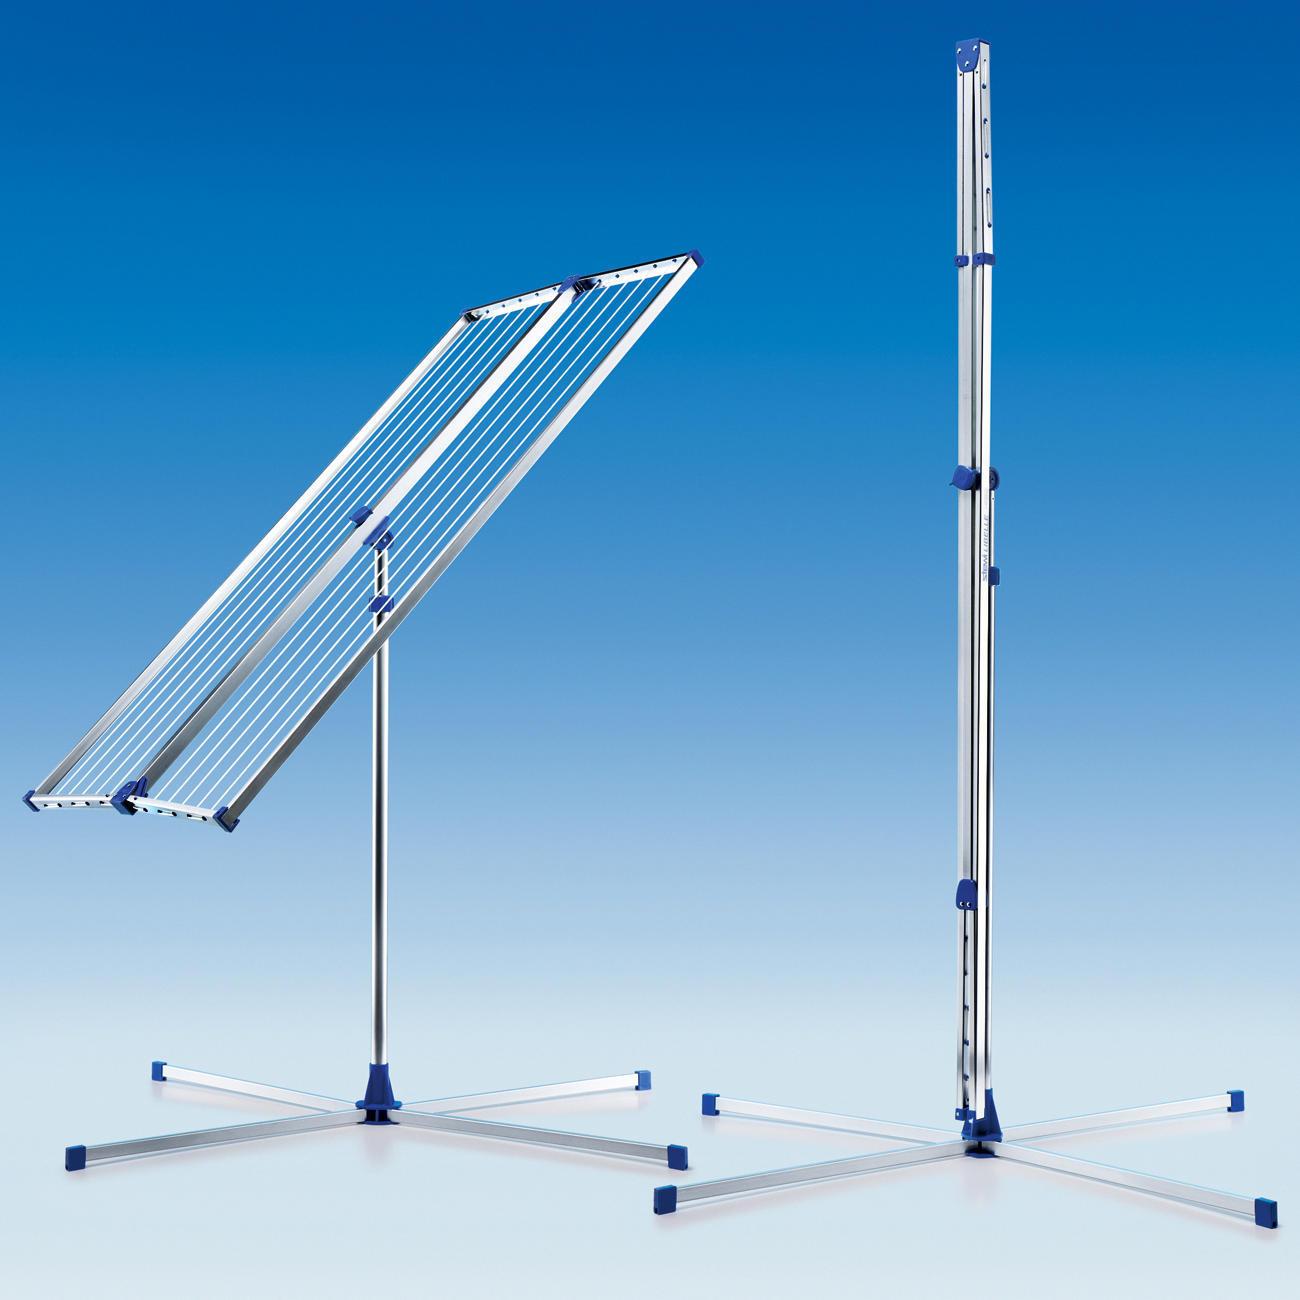 teleskop w schest nder 3 jahre garantie pro idee. Black Bedroom Furniture Sets. Home Design Ideas